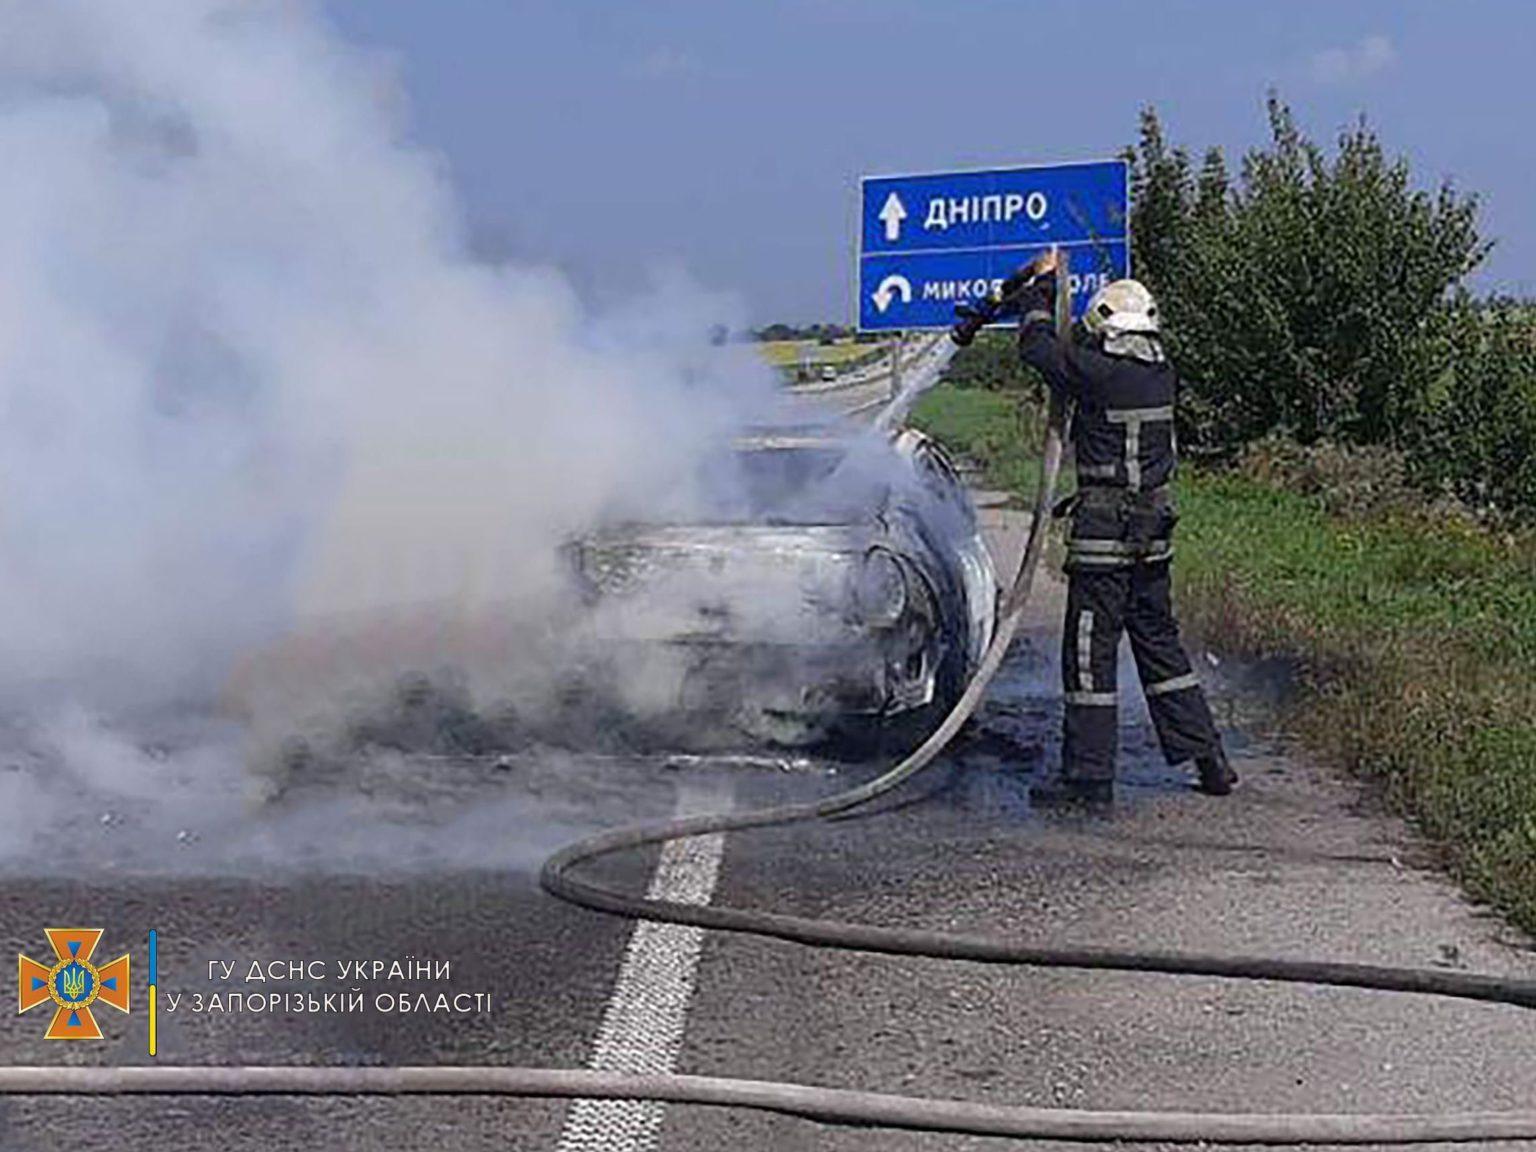 Біля Миколай-Поля палав автомобіль